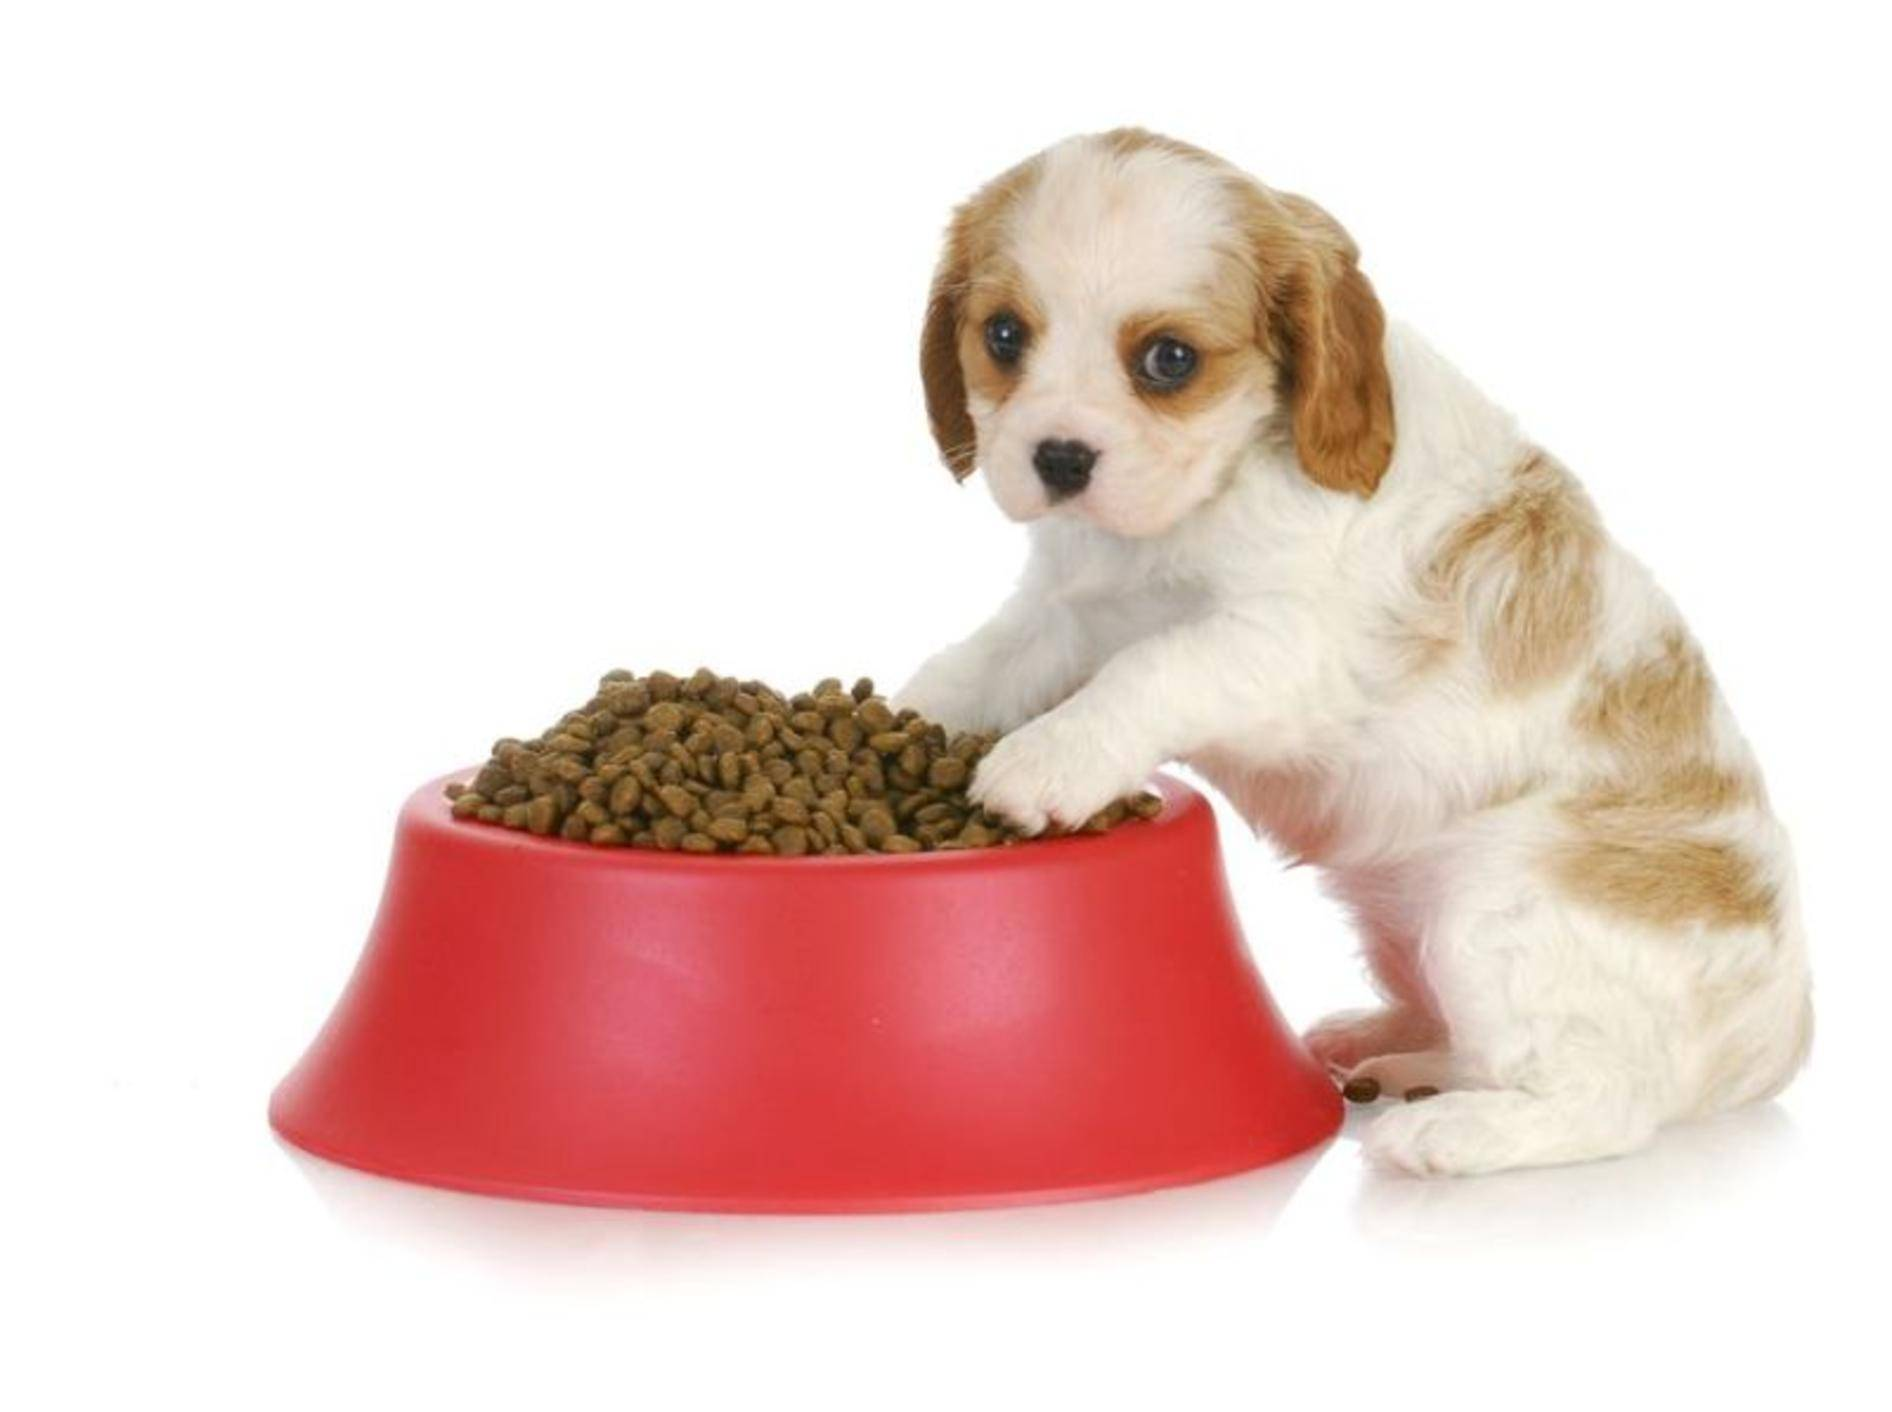 Welpen müssen für eine gesunde Entwicklung richtig gefüttert werden – Shutterstock / WilleeCole